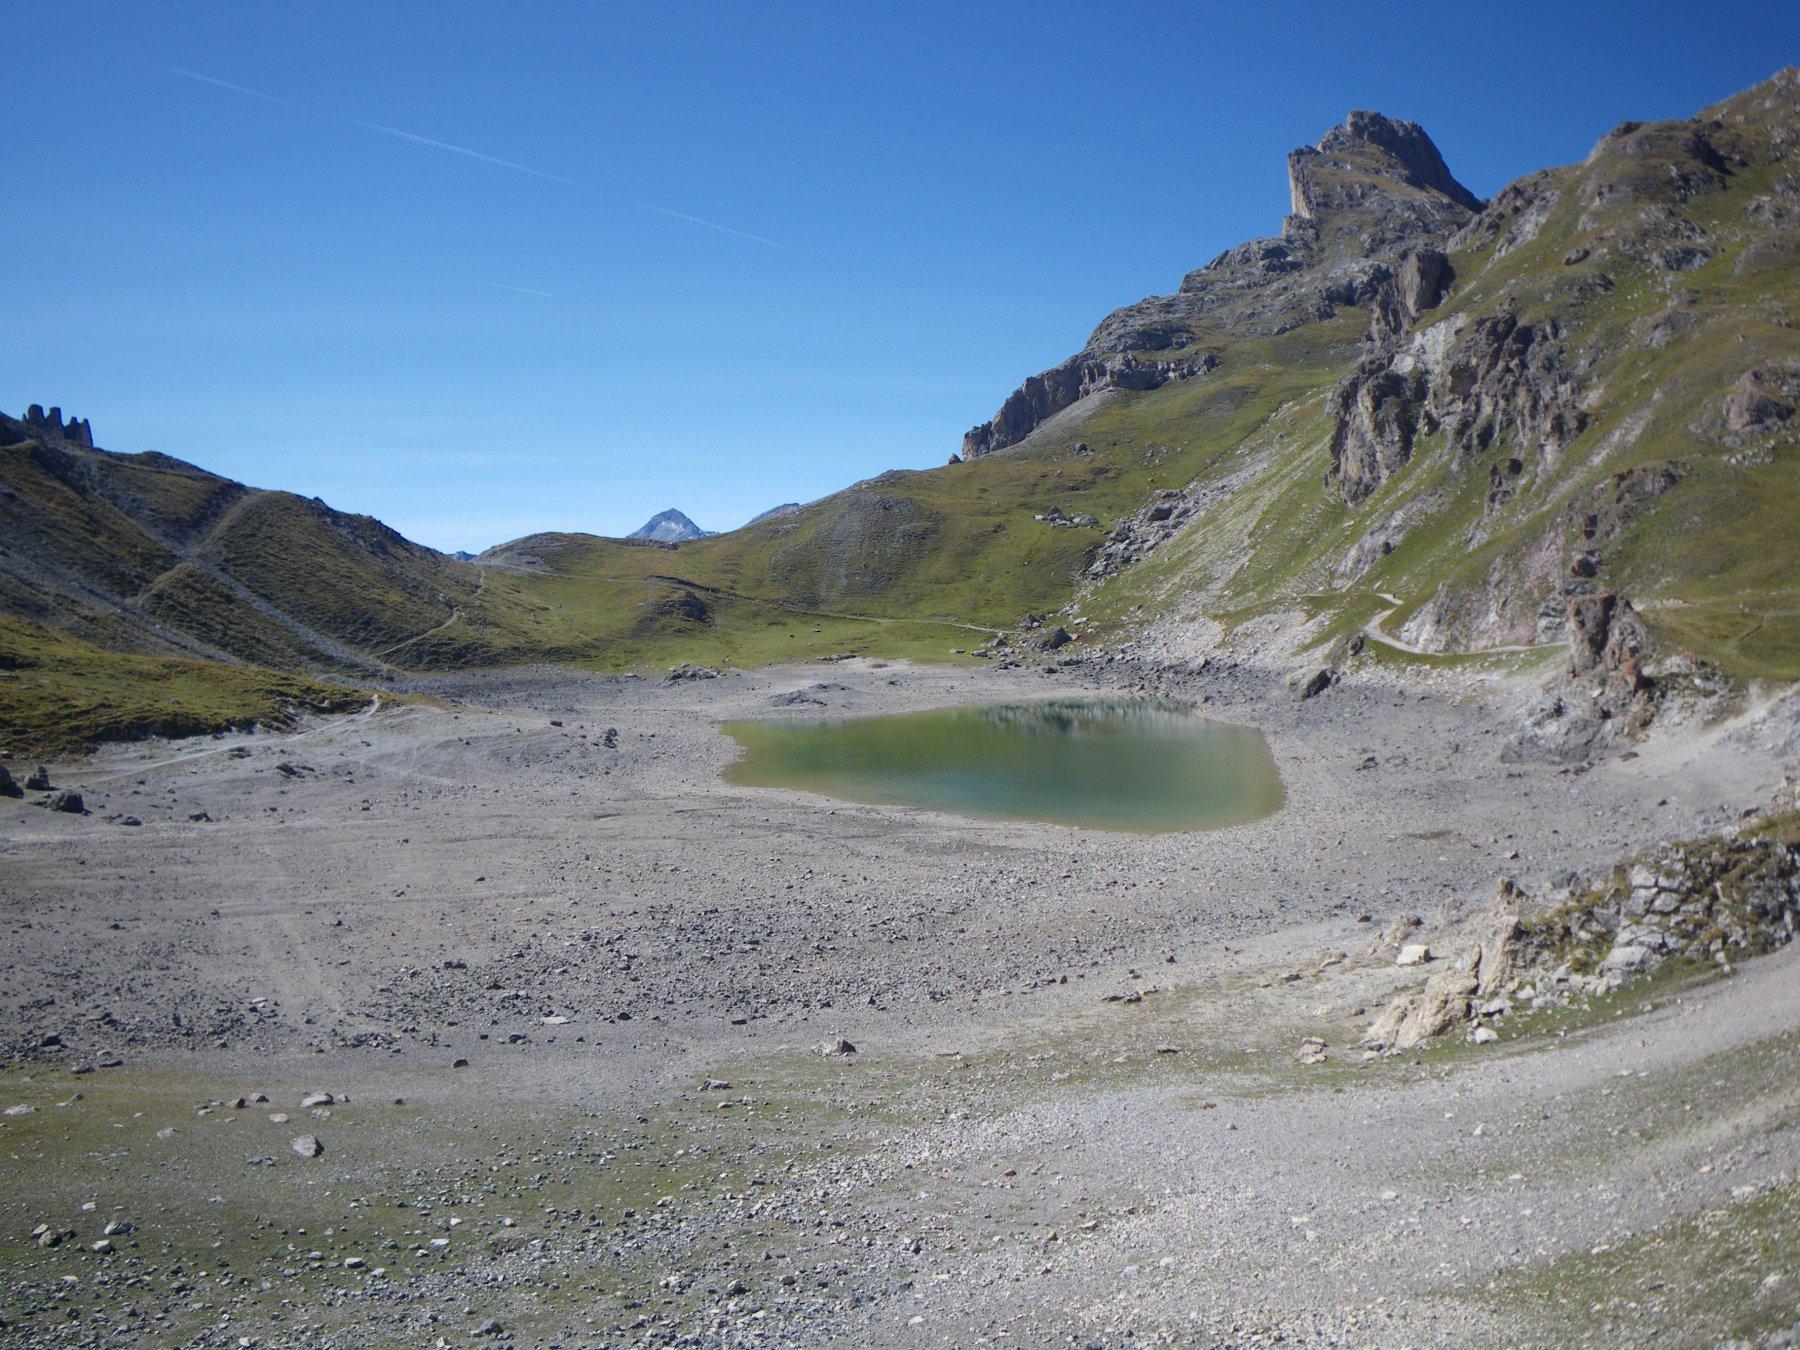 qel che resta del Lac du Gran Ban